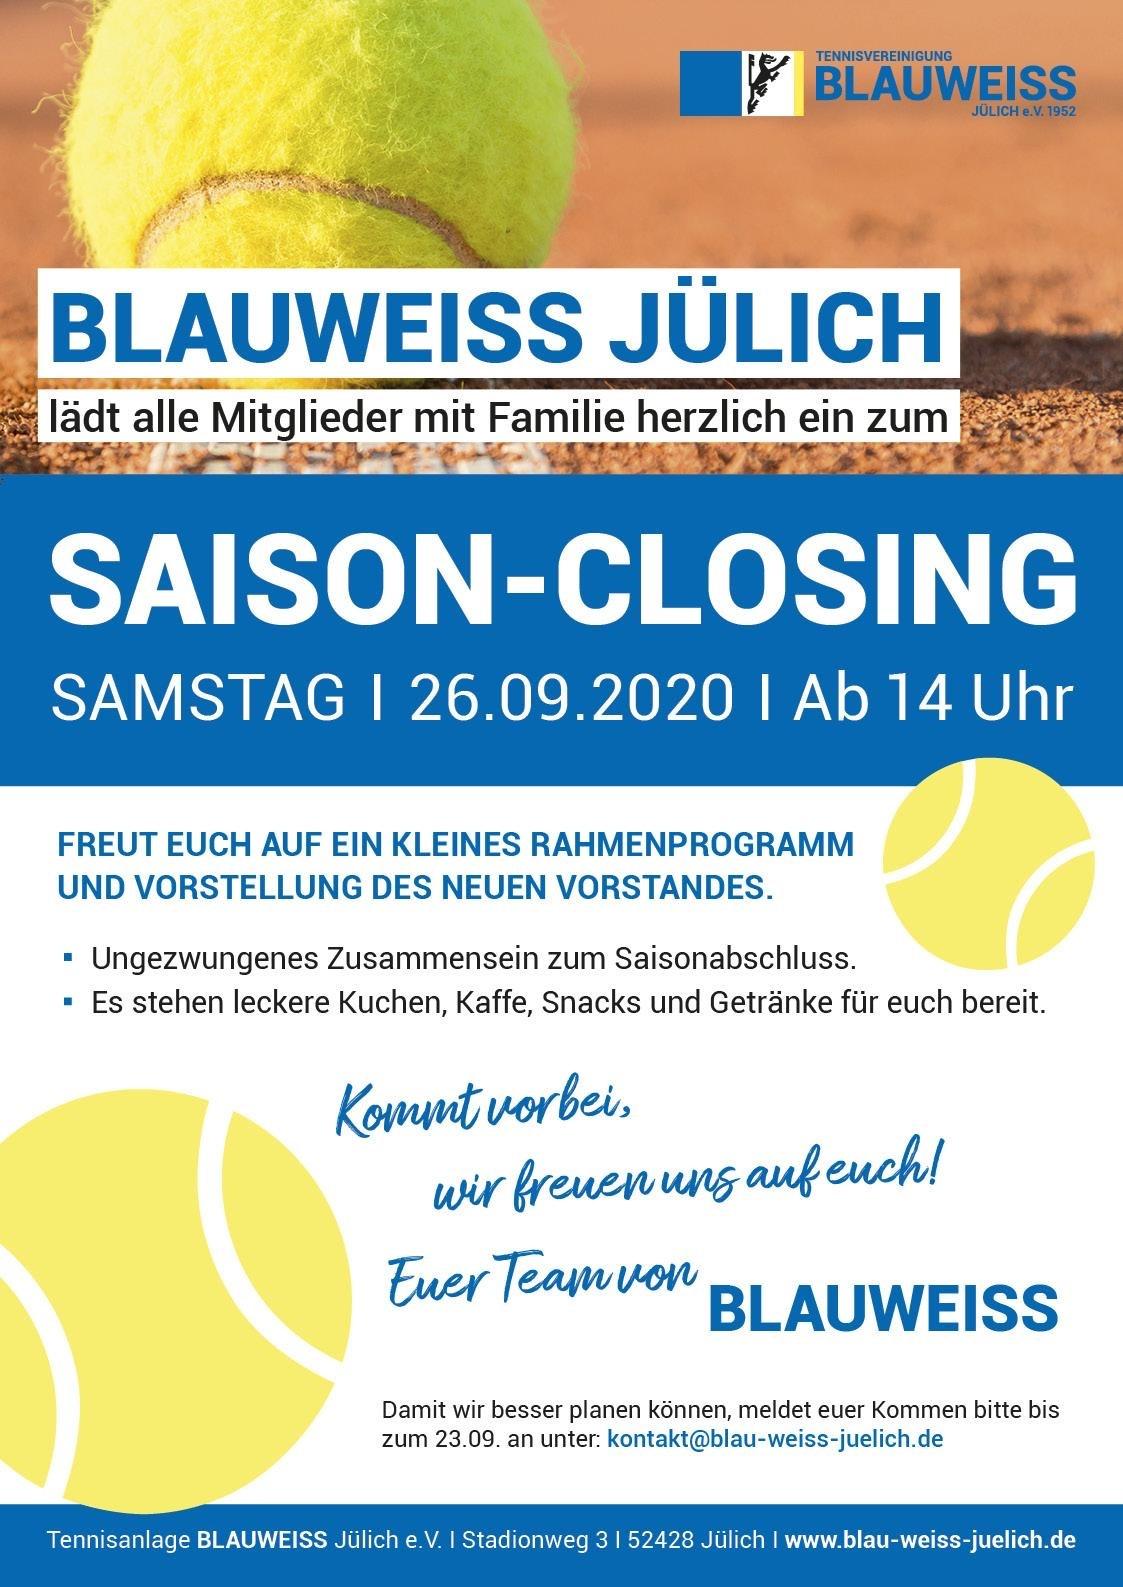 BLAUWEISS Saison-Closing